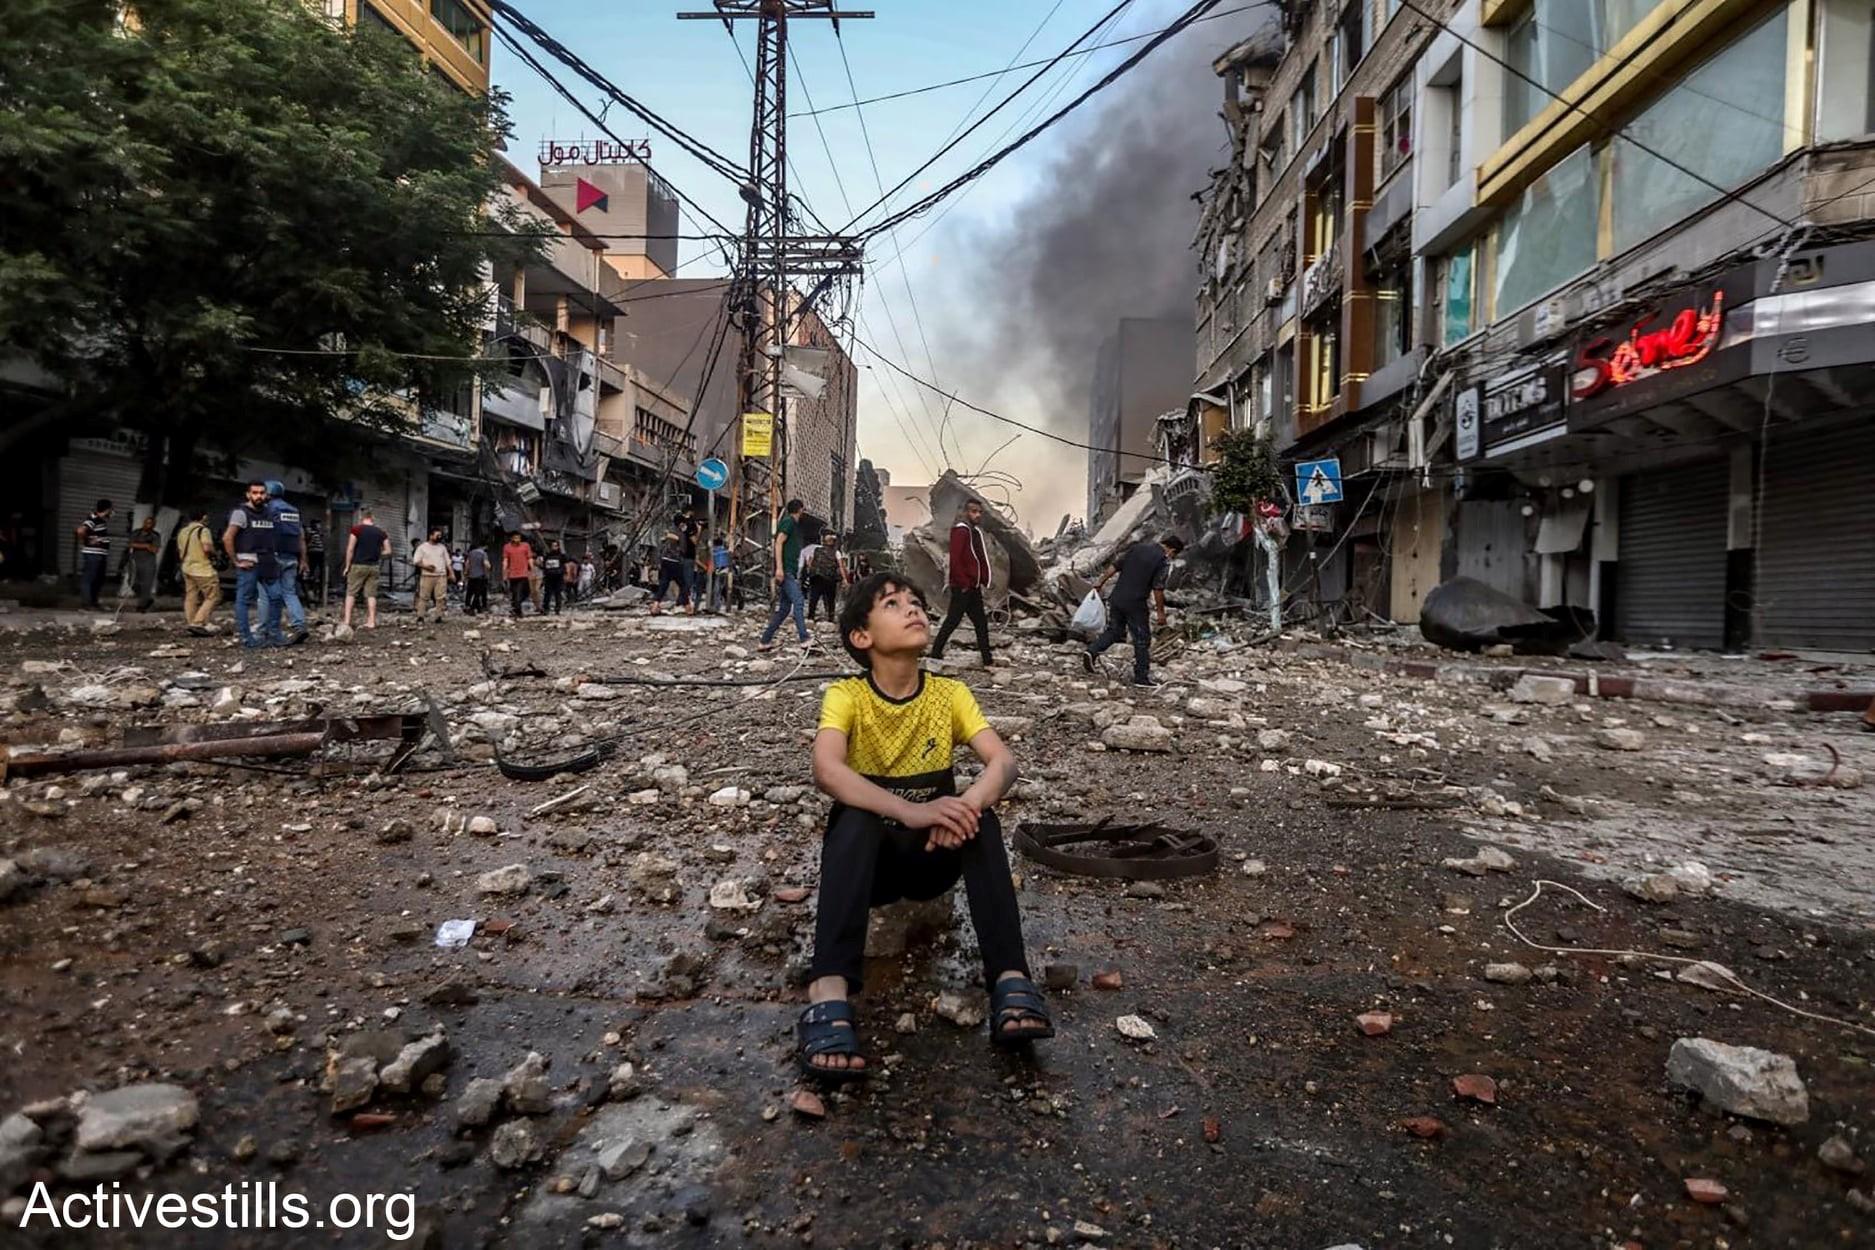 המחיר הכבד שמשלמים האזרחים: 11 ימי לחימה בדרום שהרחיקו את השלום והעמיקו את האיבה